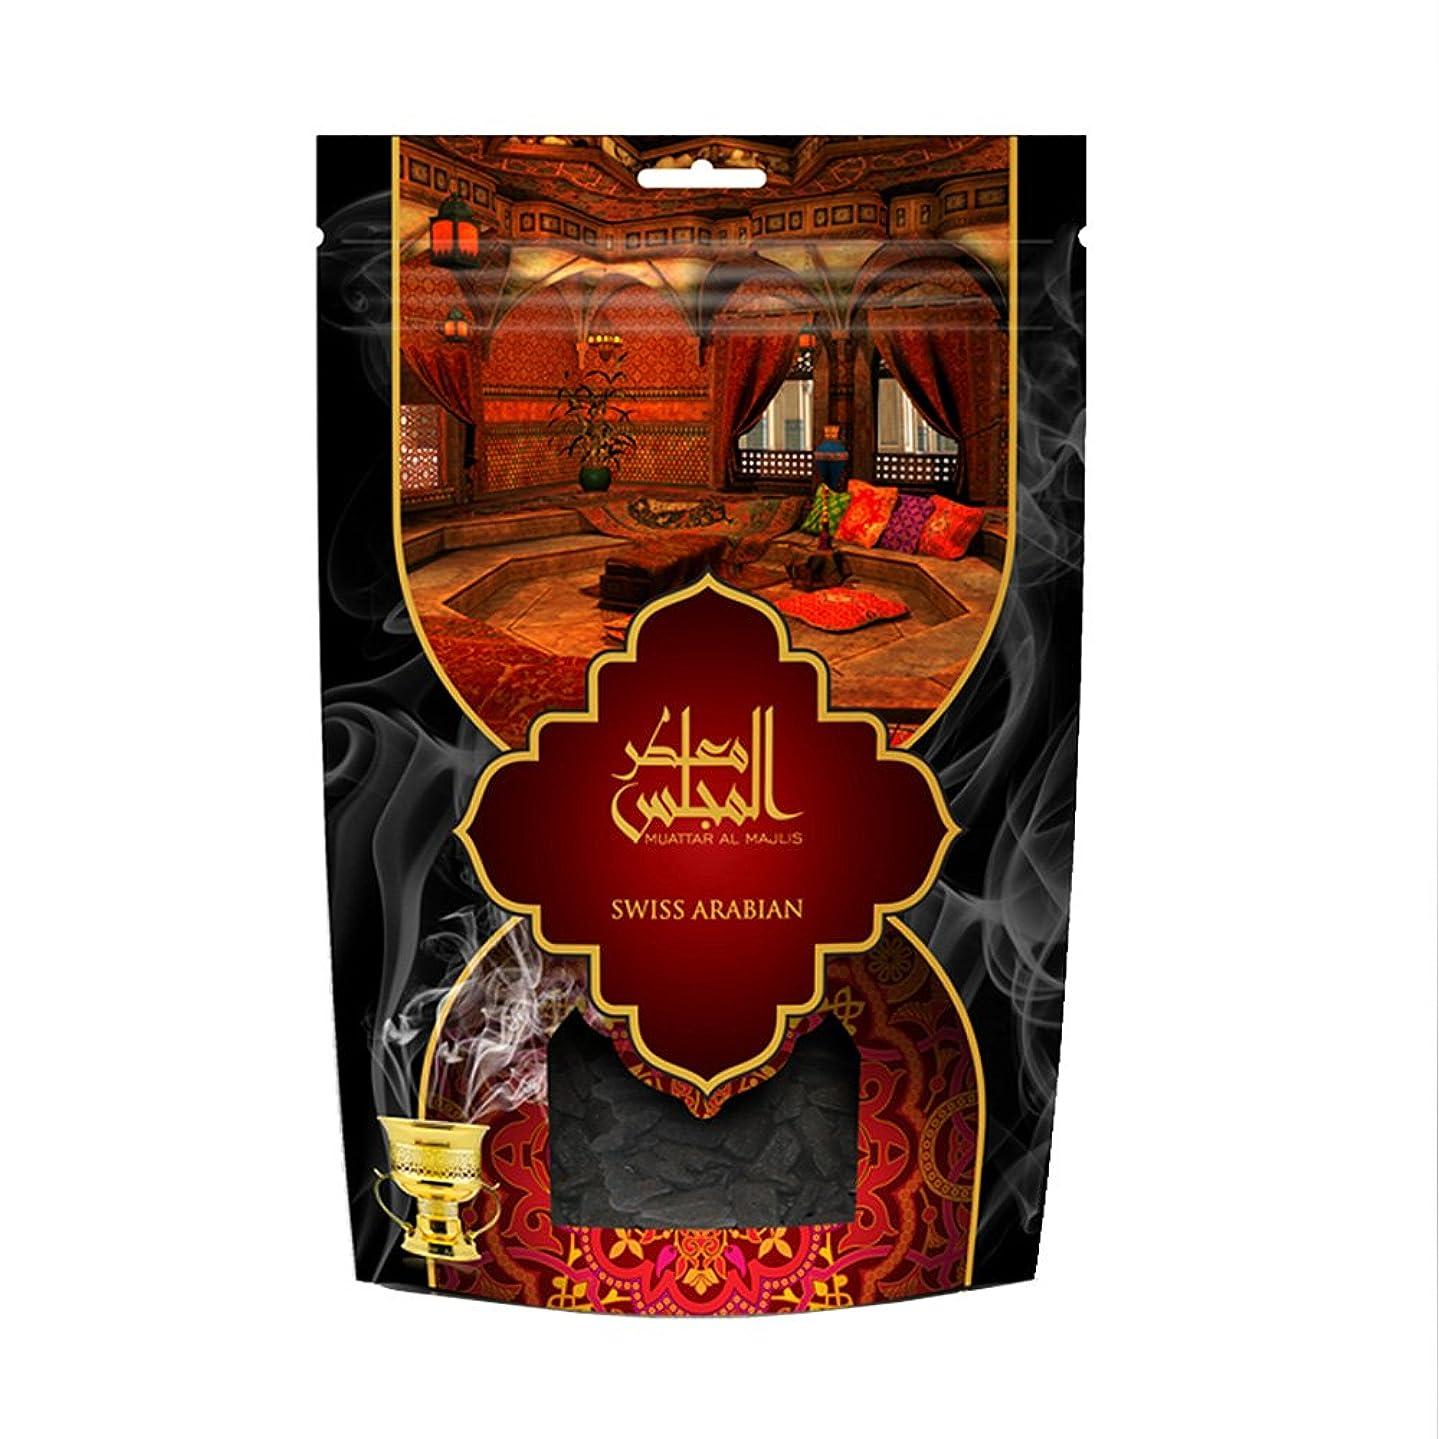 バケット積分観点swissarabian Muattar al Majlis (250g/.55?LB) Oudh Bakhoor Incense